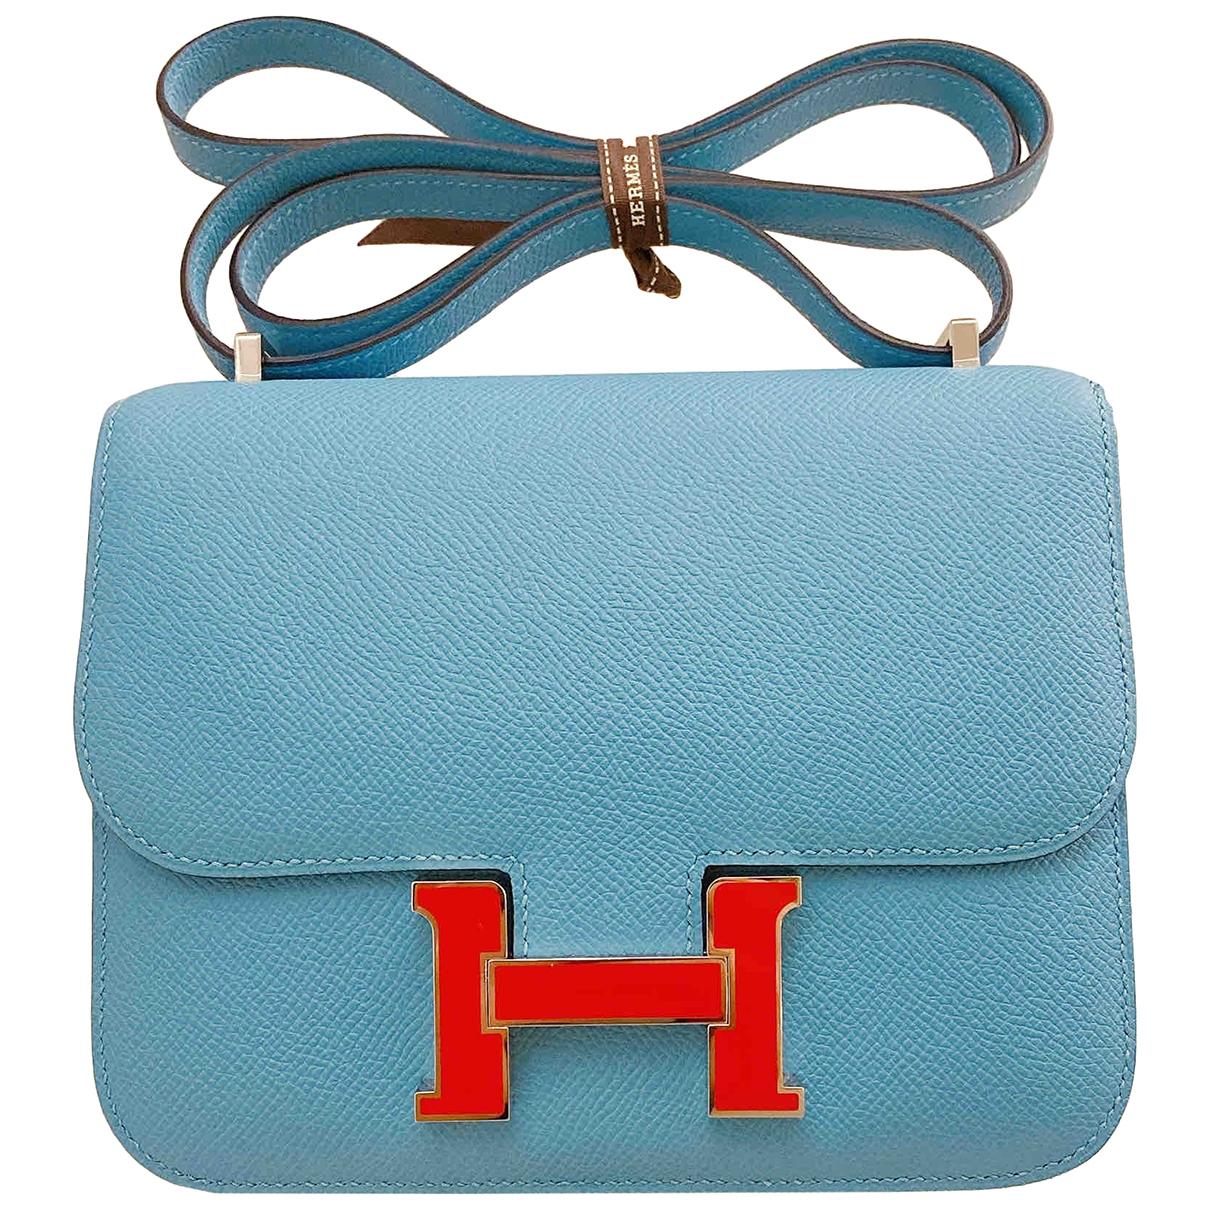 Hermes - Sac a main Constance pour femme en cuir - bleu